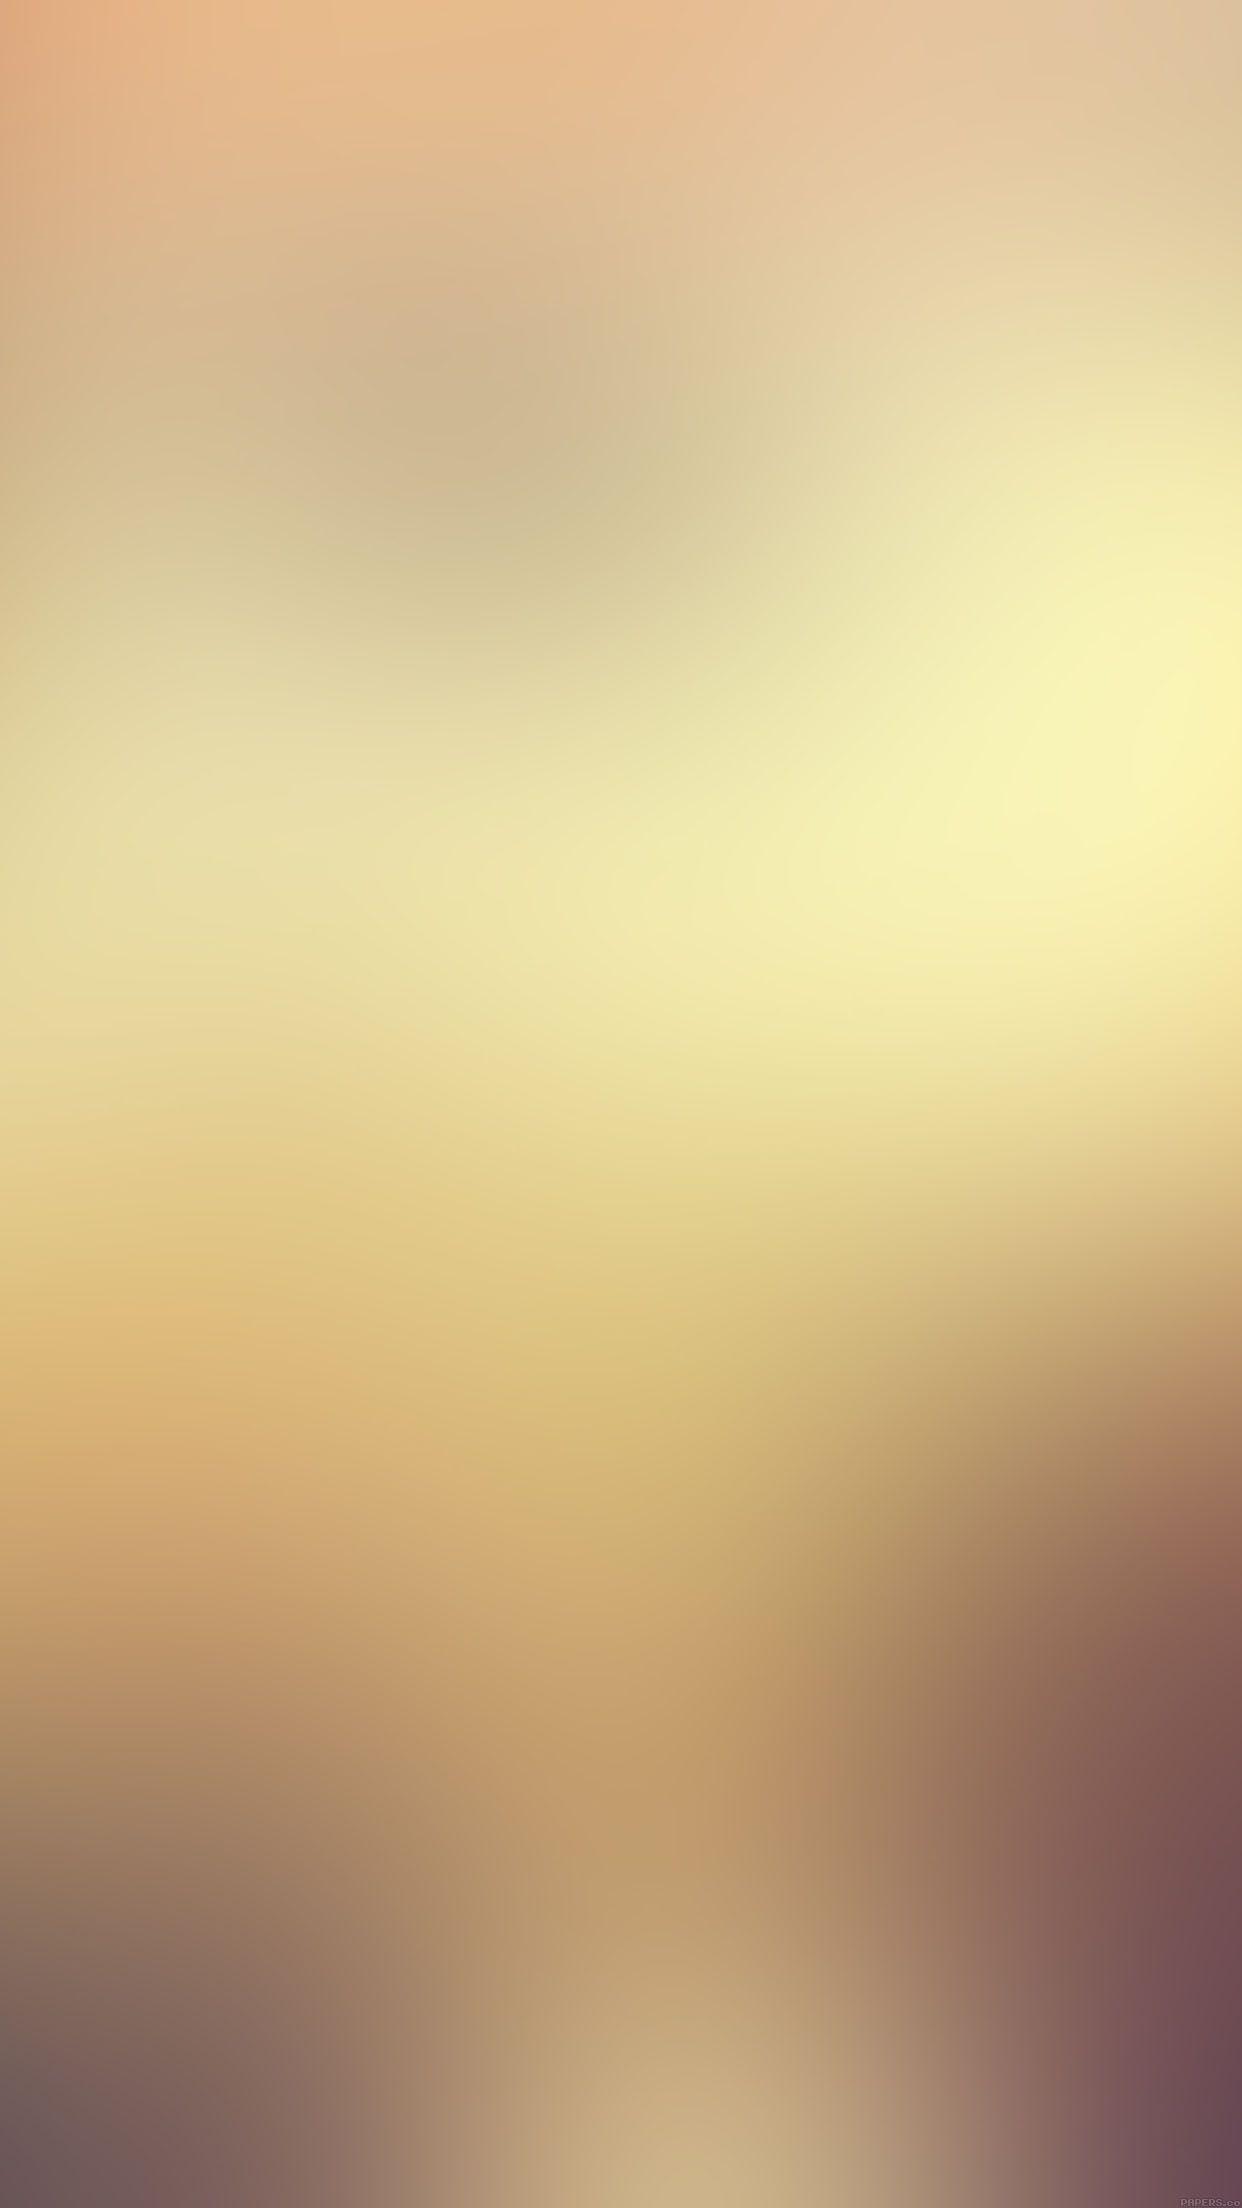 Background vàng gradient